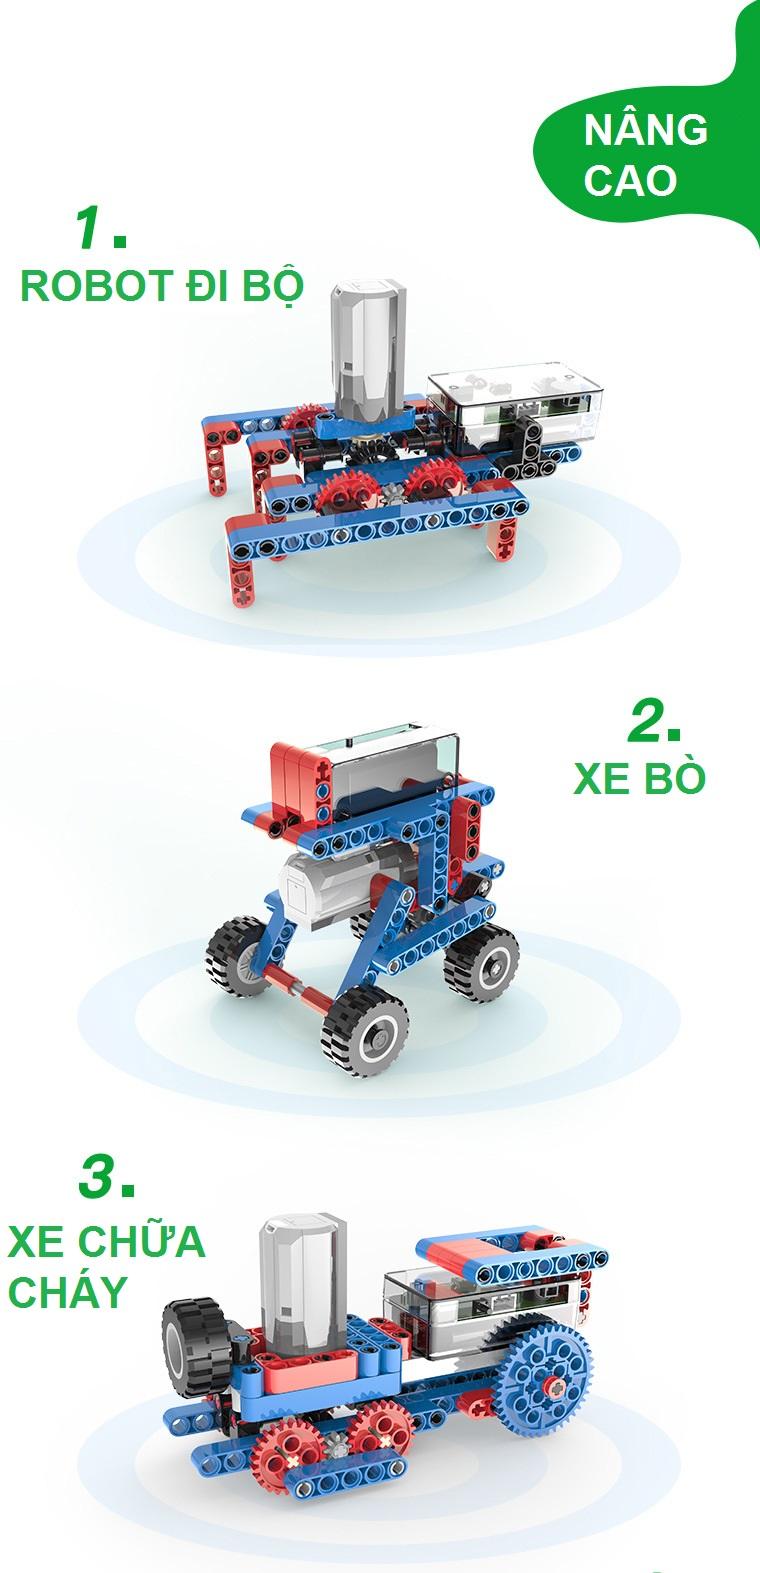 Bộ Lắp Ráp 28 Mô Hình Lego T1 - Đồ Chơi Lego